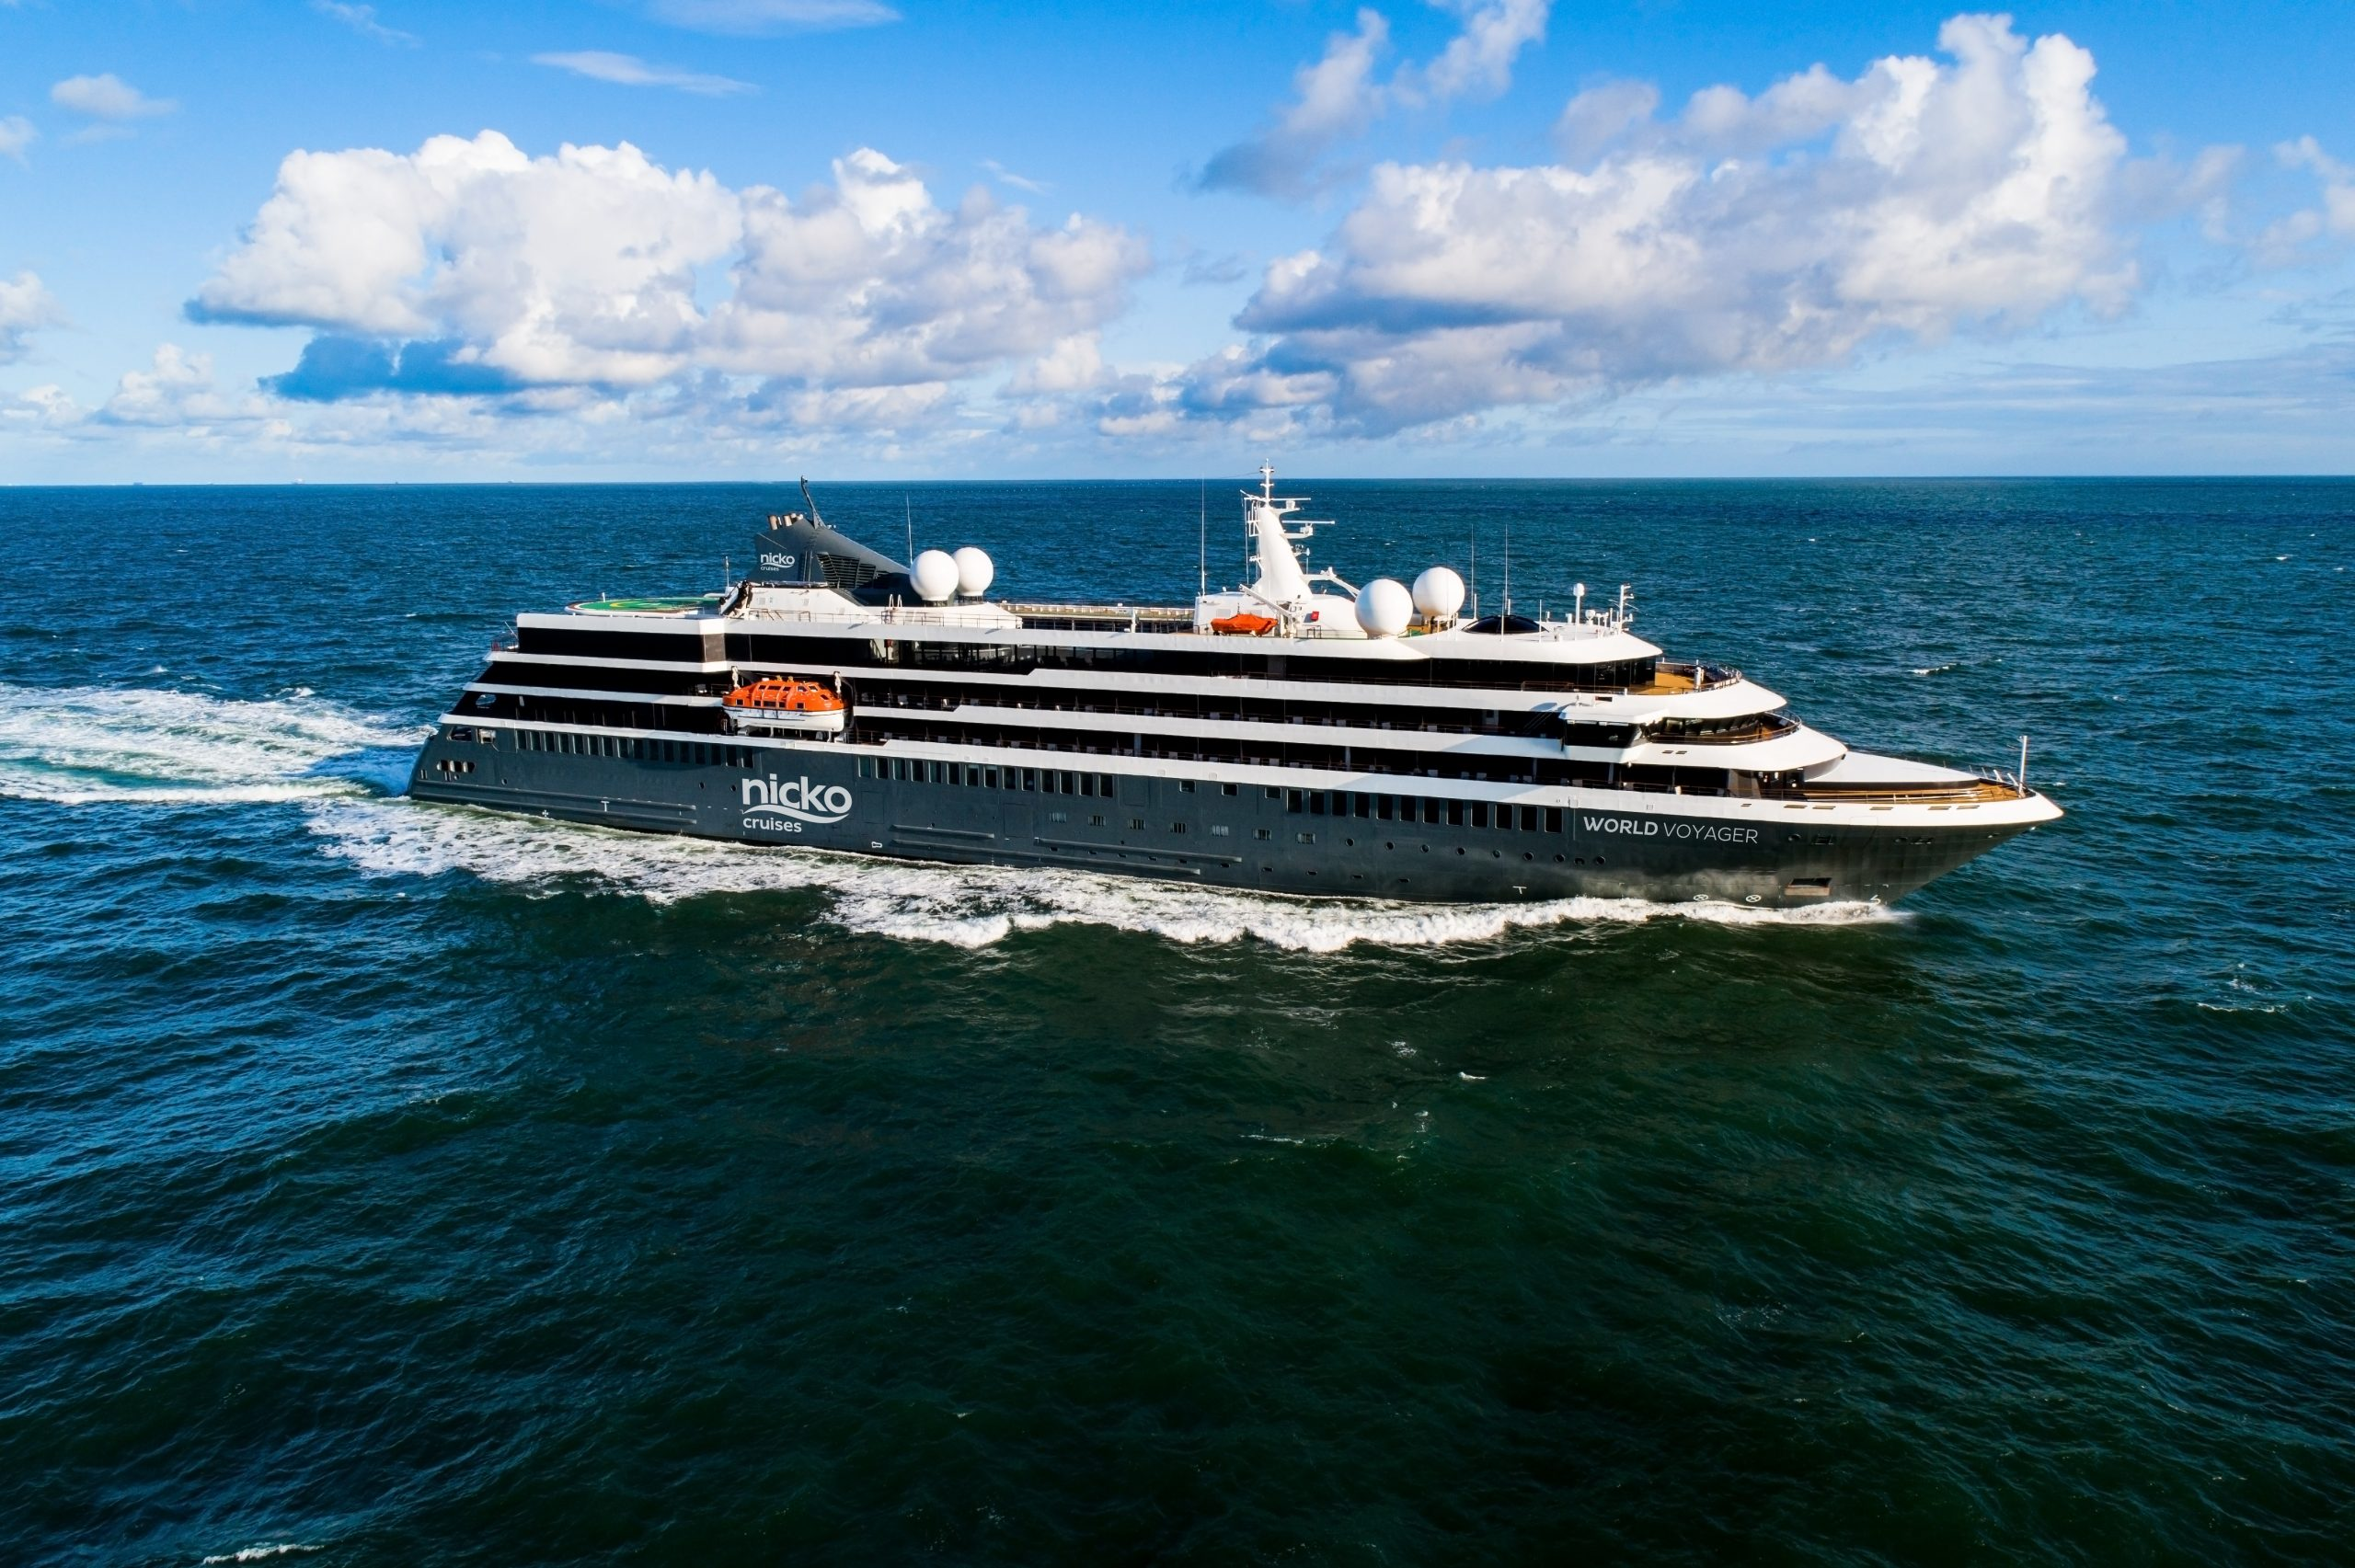 Der Stuttgarter Veranstalter nicko cruises hat für den Winter weitere Fahrten mit seinem Hochseeschiff World Voyager aufgelegt und baut sein Kanaren-Angebot damit aus.